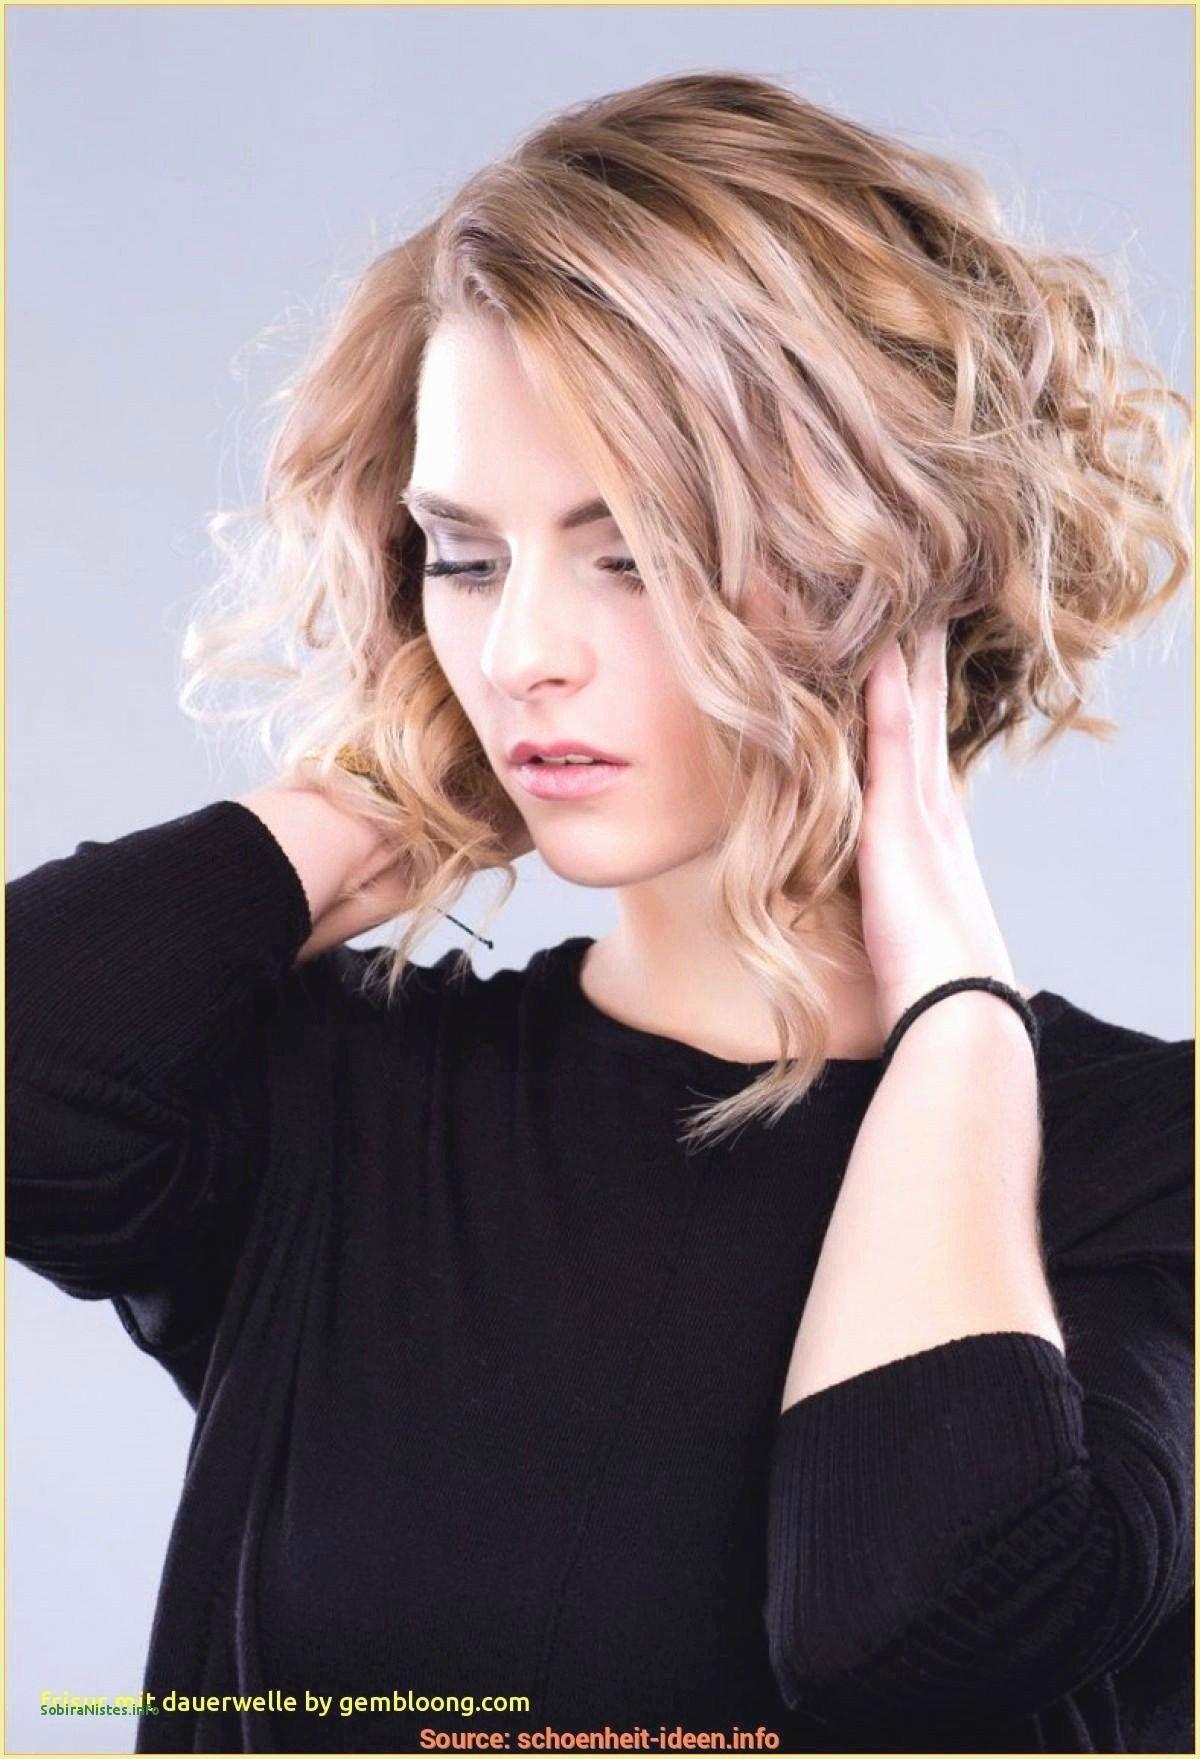 Frisur Mittellang Rockig  Hochzeit frisuren lange haare, Frisuren